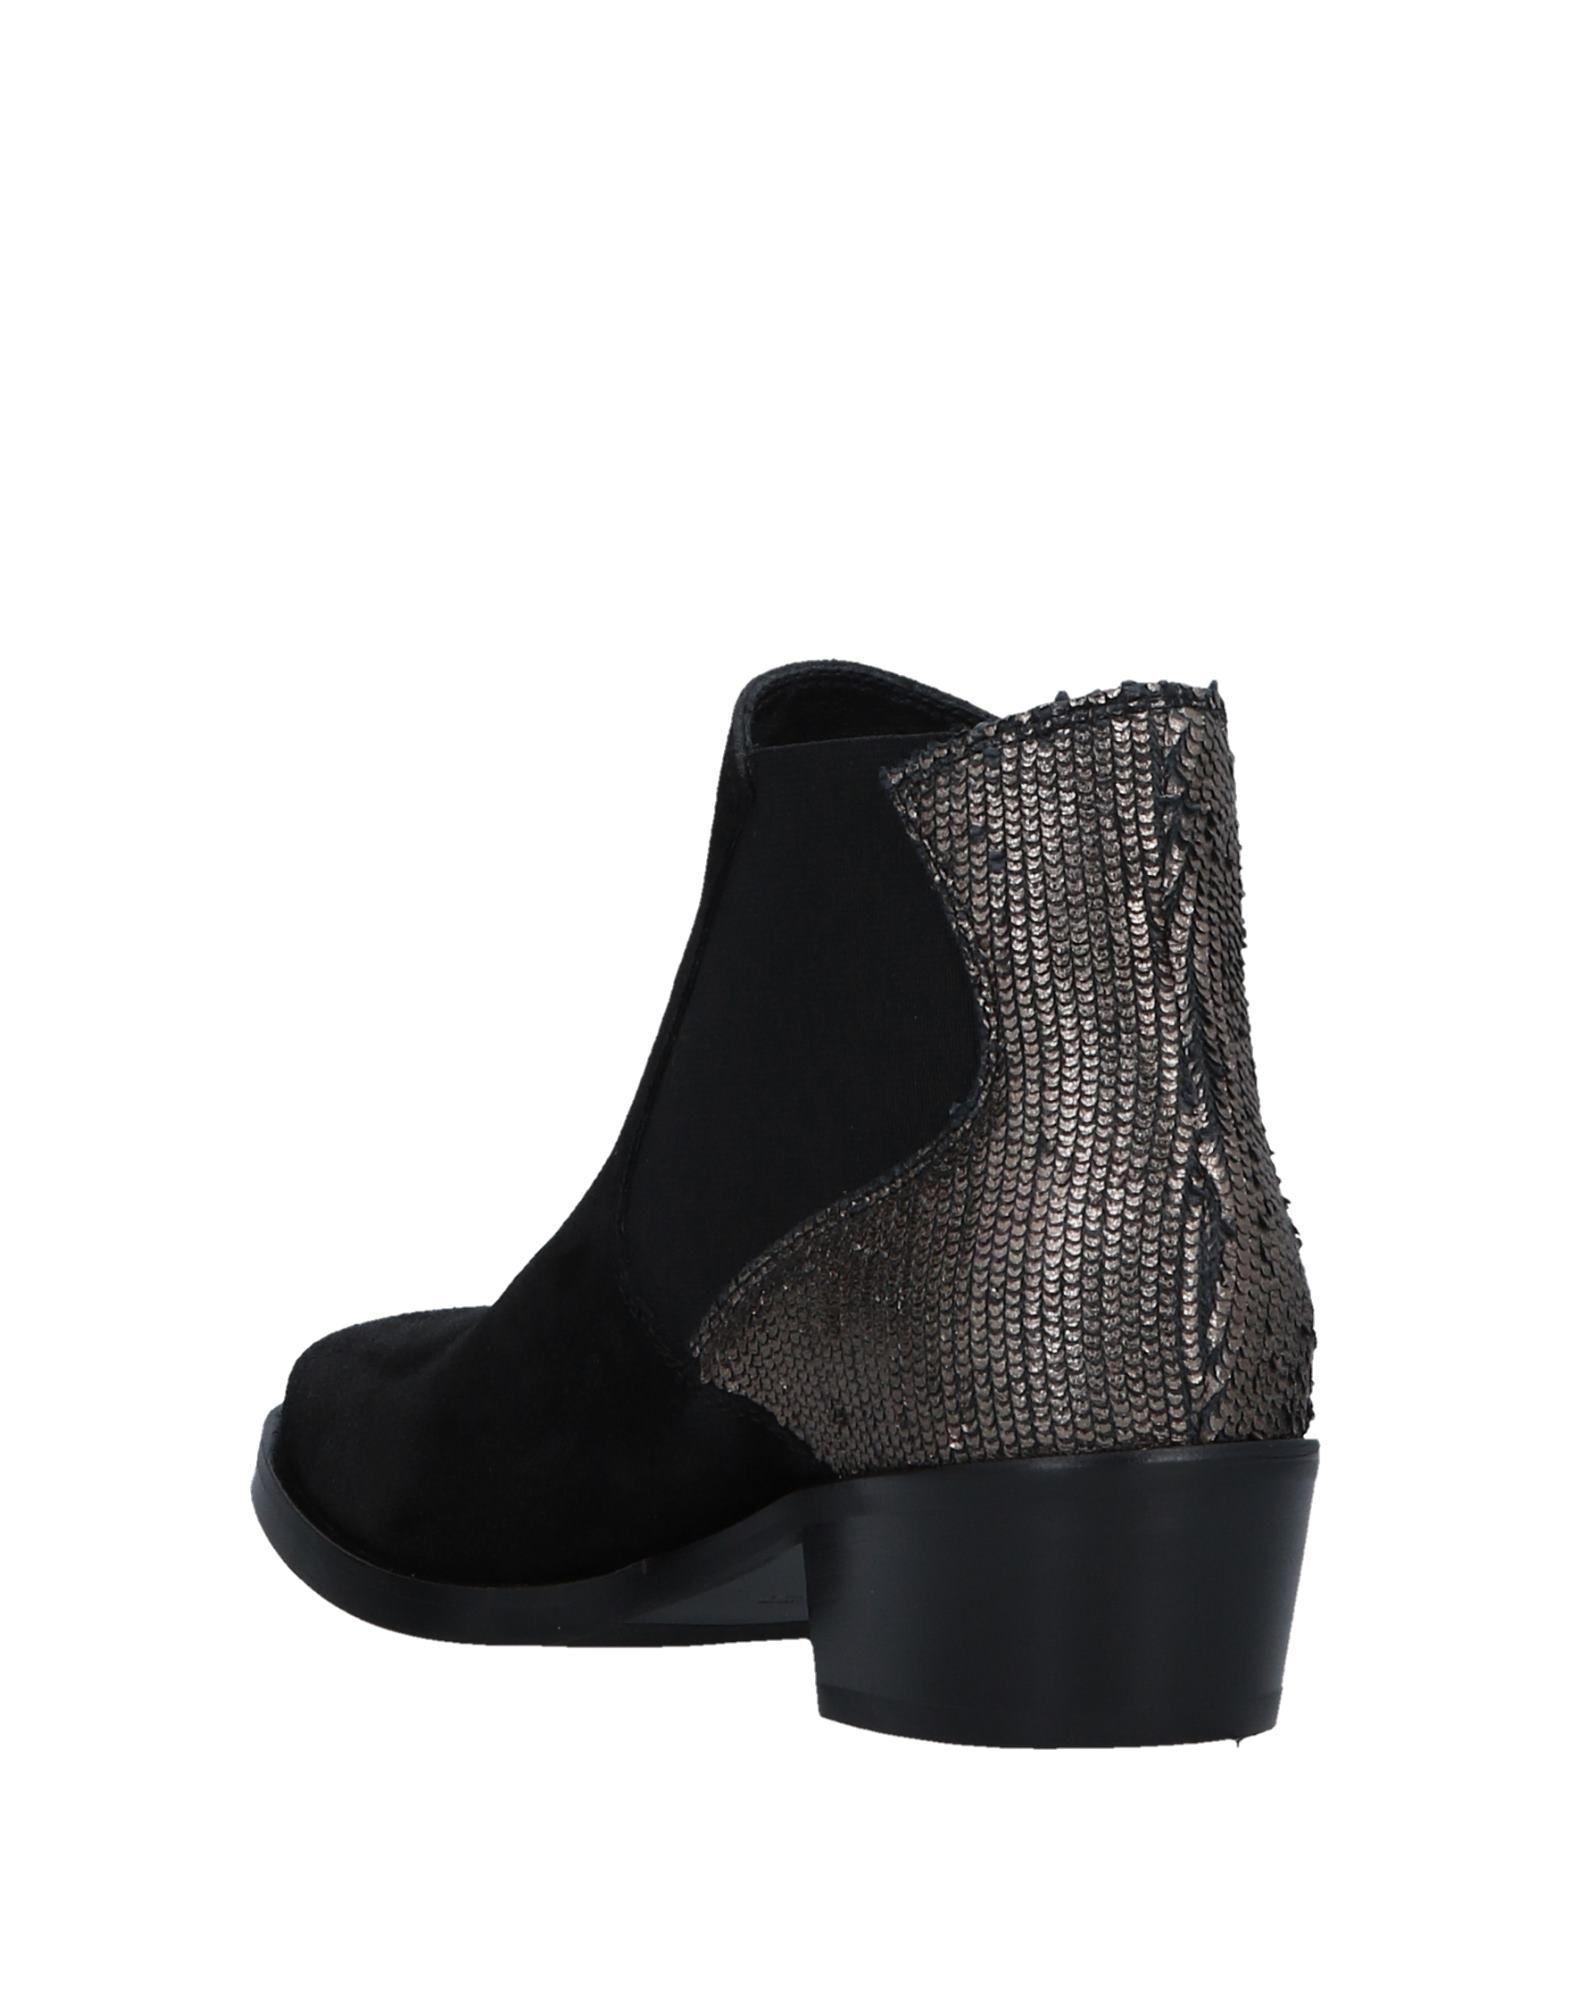 Gut Janet um billige Schuhe zu tragenJanet & Janet Gut Stiefelette Damen  11516720VM 3d5498